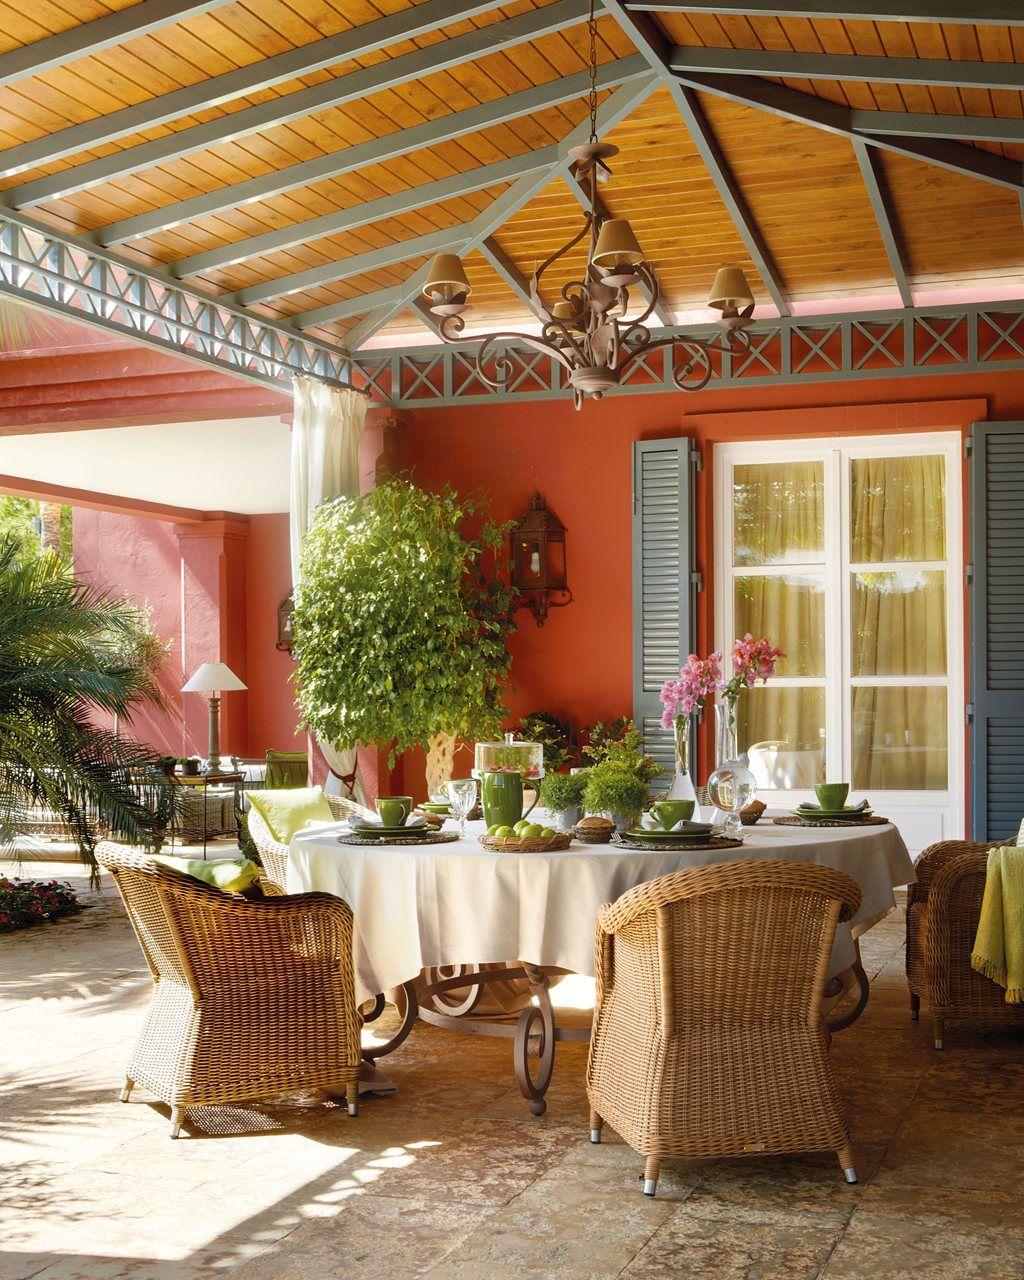 En el porche andaluz comer a la sombra mesa de forja en - Mesas de campo ...